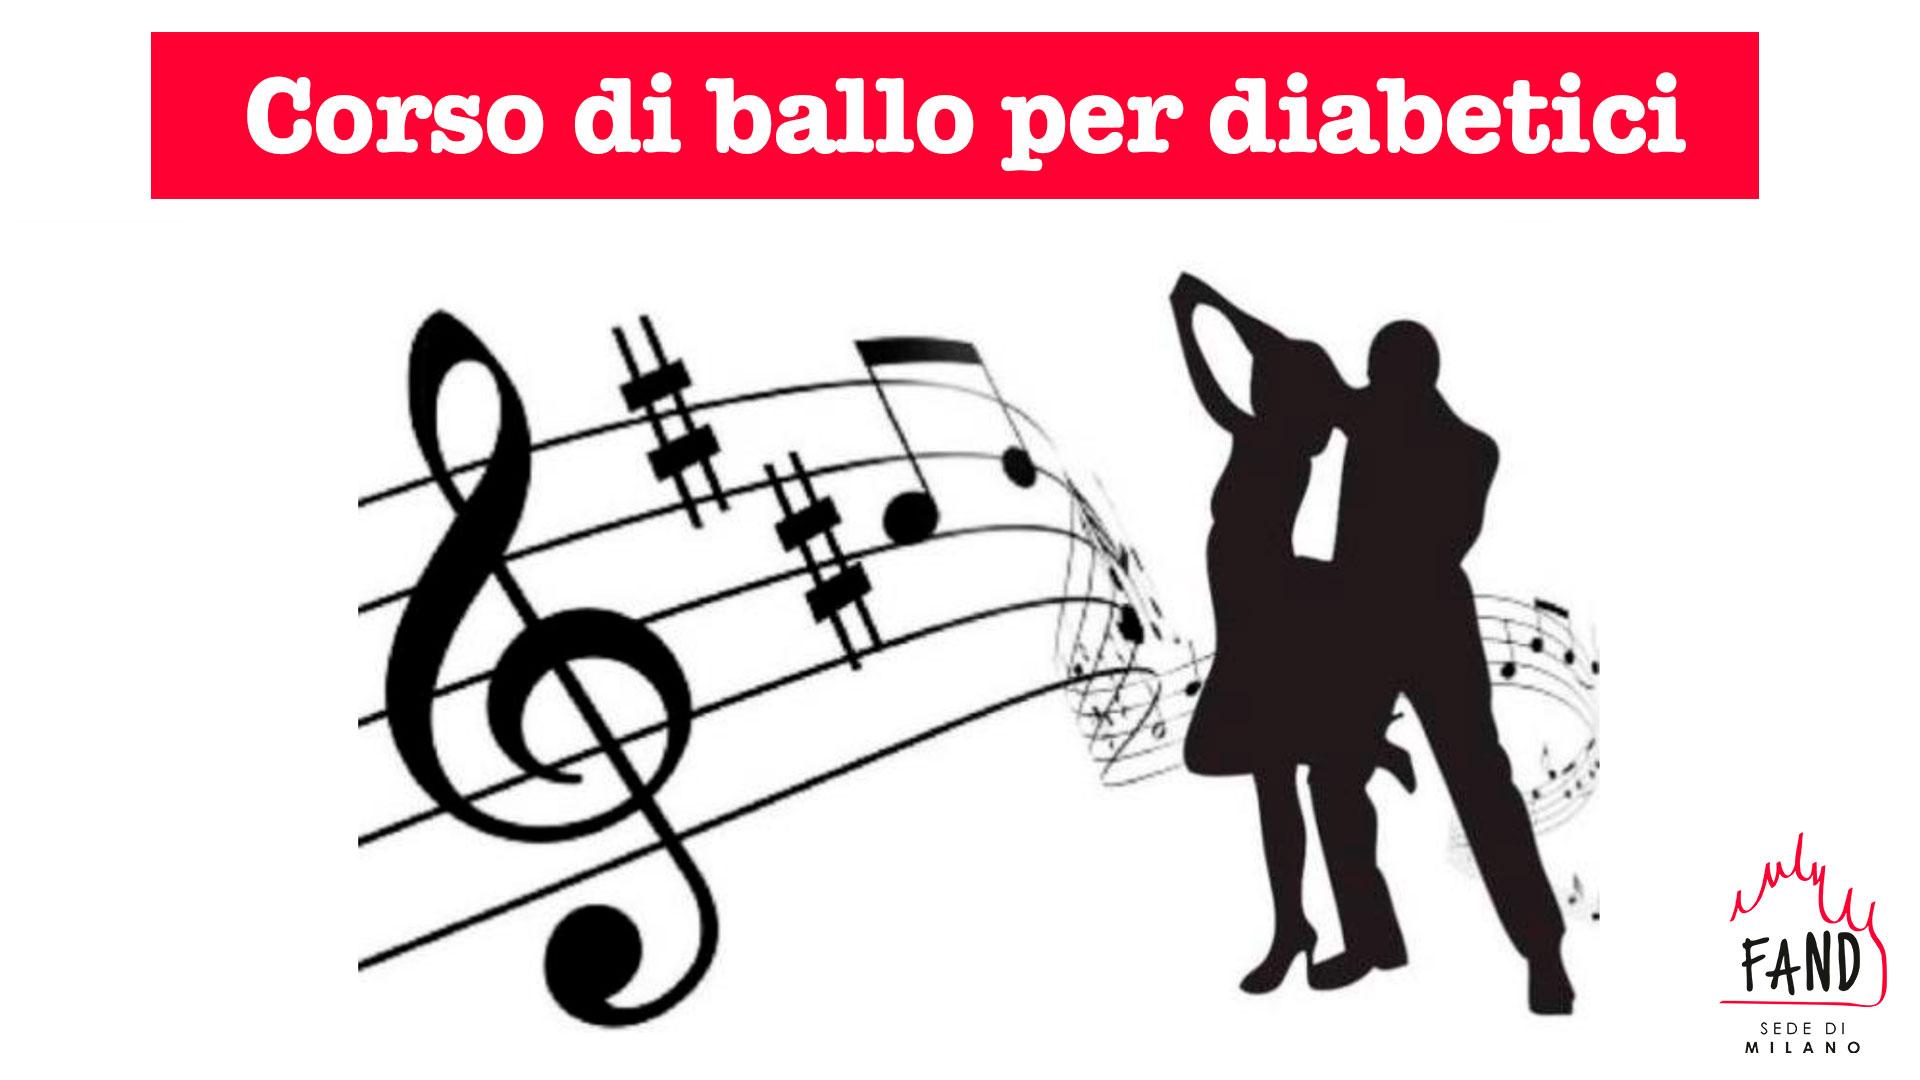 Corso di ballo per diabetici